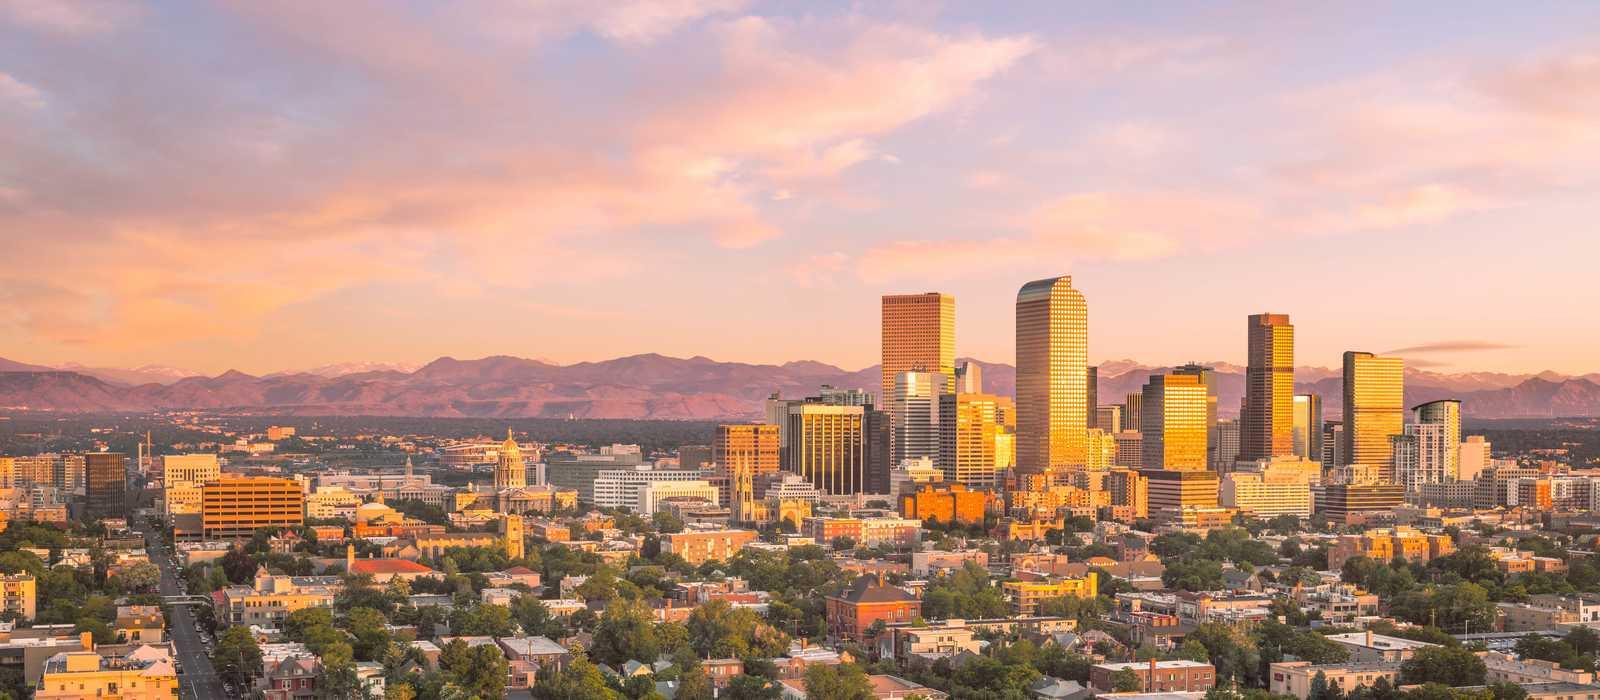 Die Skyline von Denver bei Sonnenuntergang